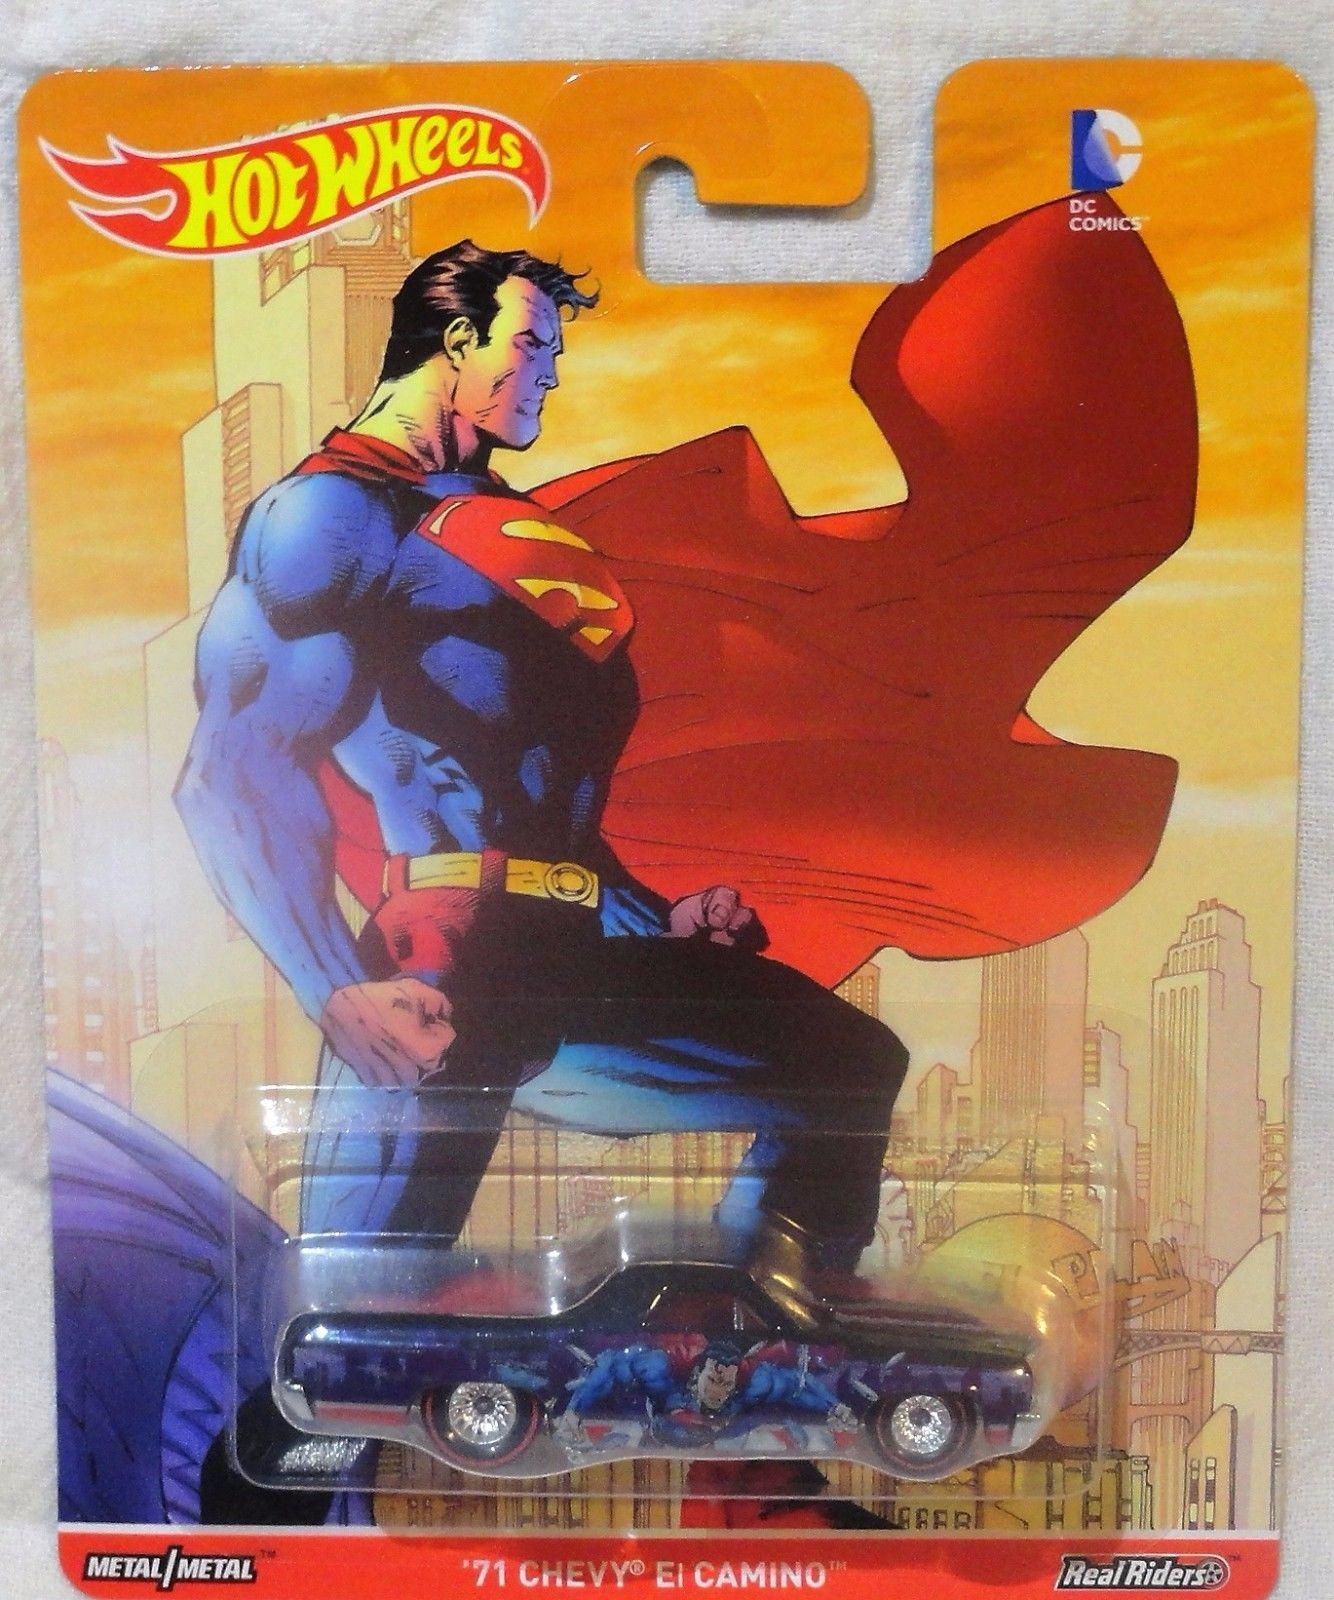 Hot Wheels - 71 Chevy El Camino - Superman - DC Comics